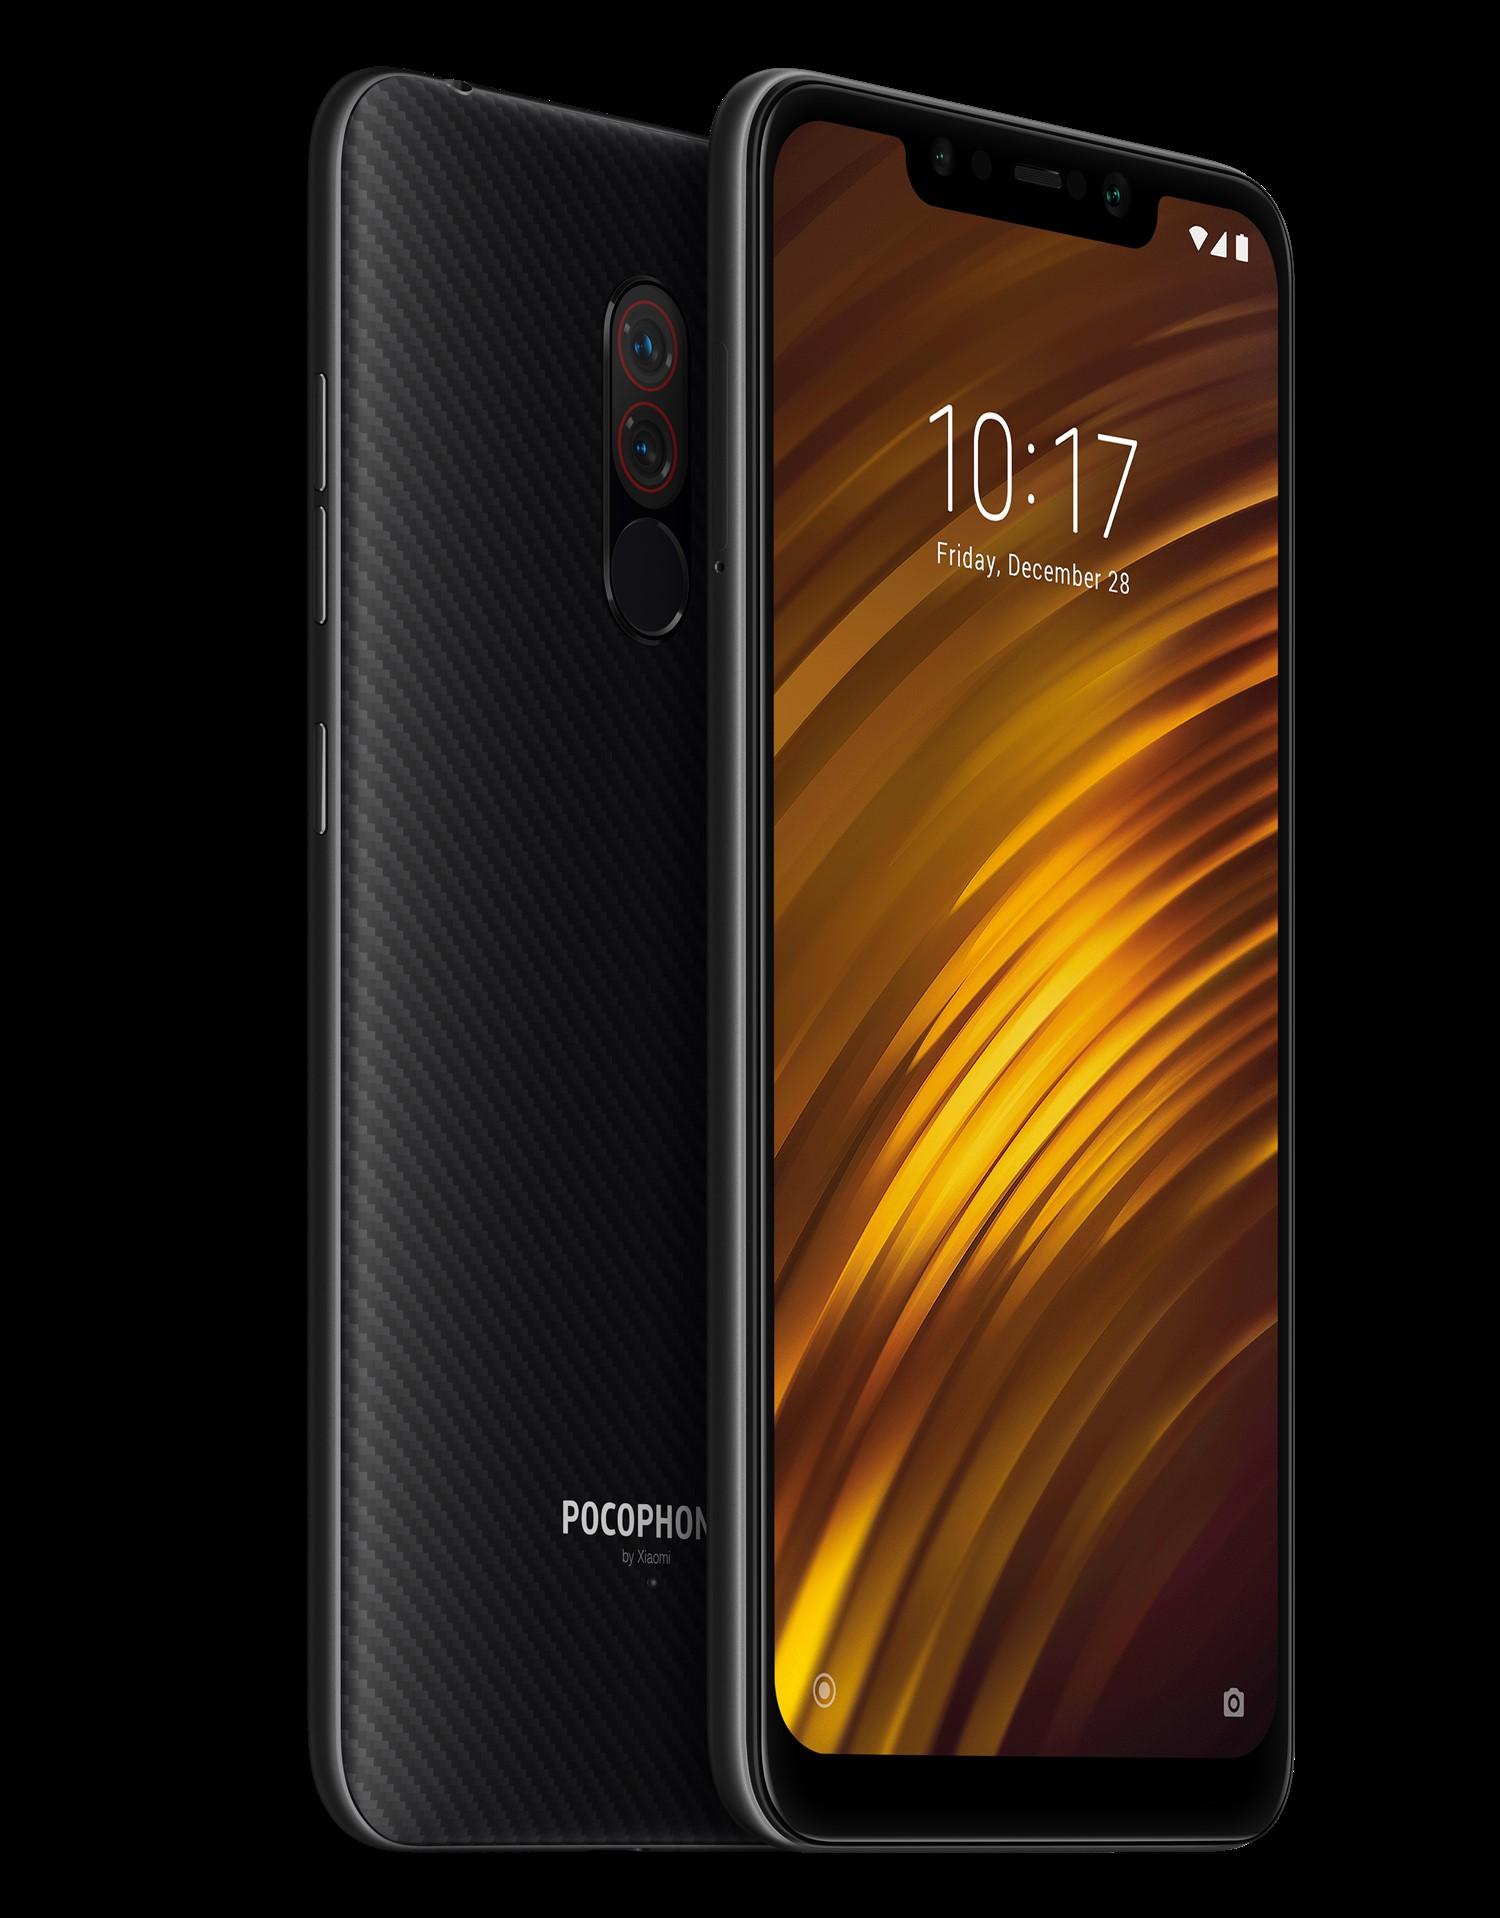 poco-f1-smartphone